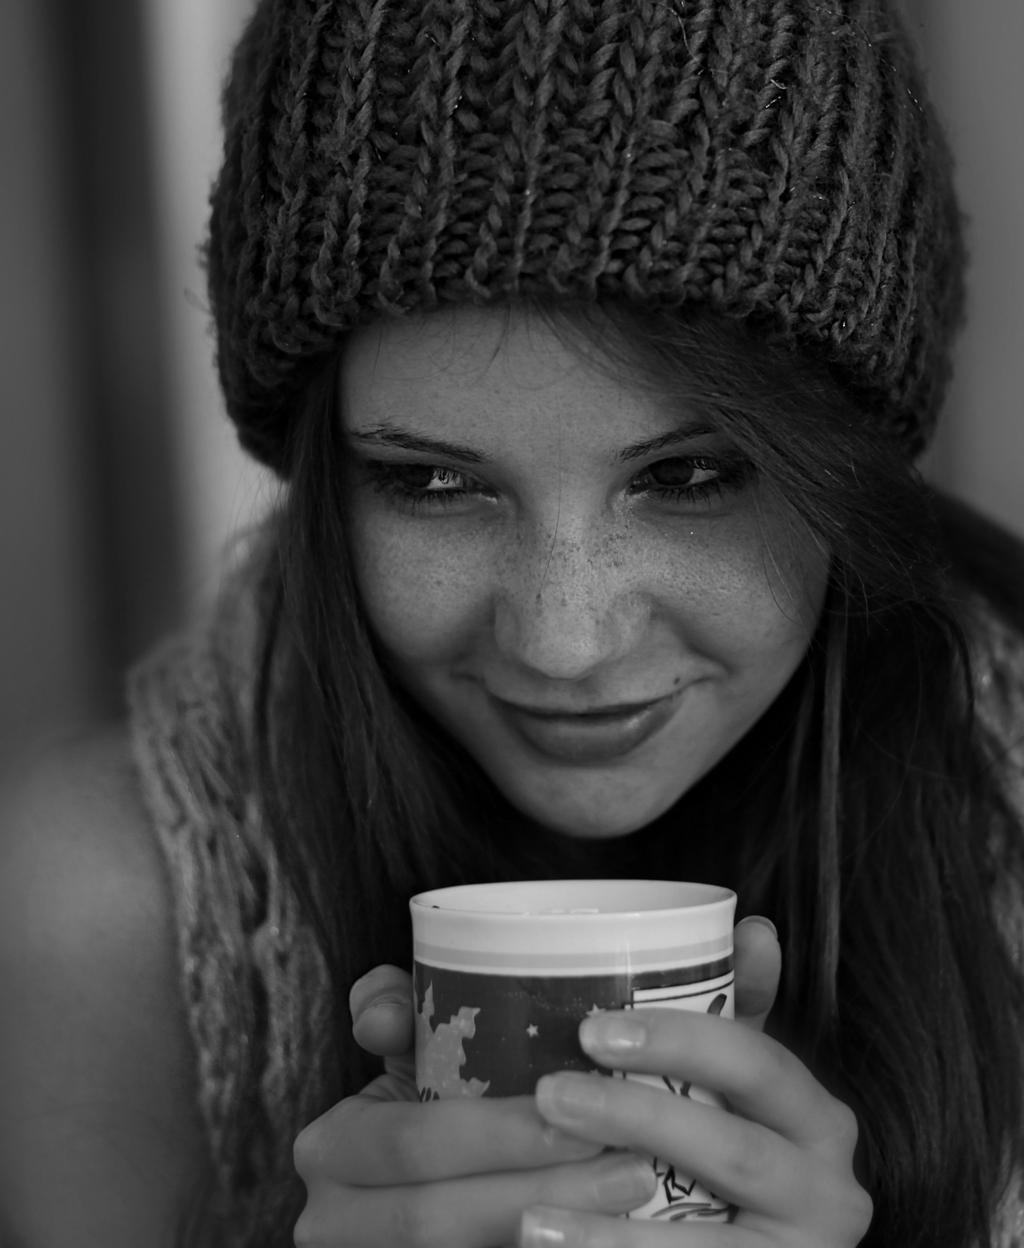 Staci - coffee by Adrienmcguire